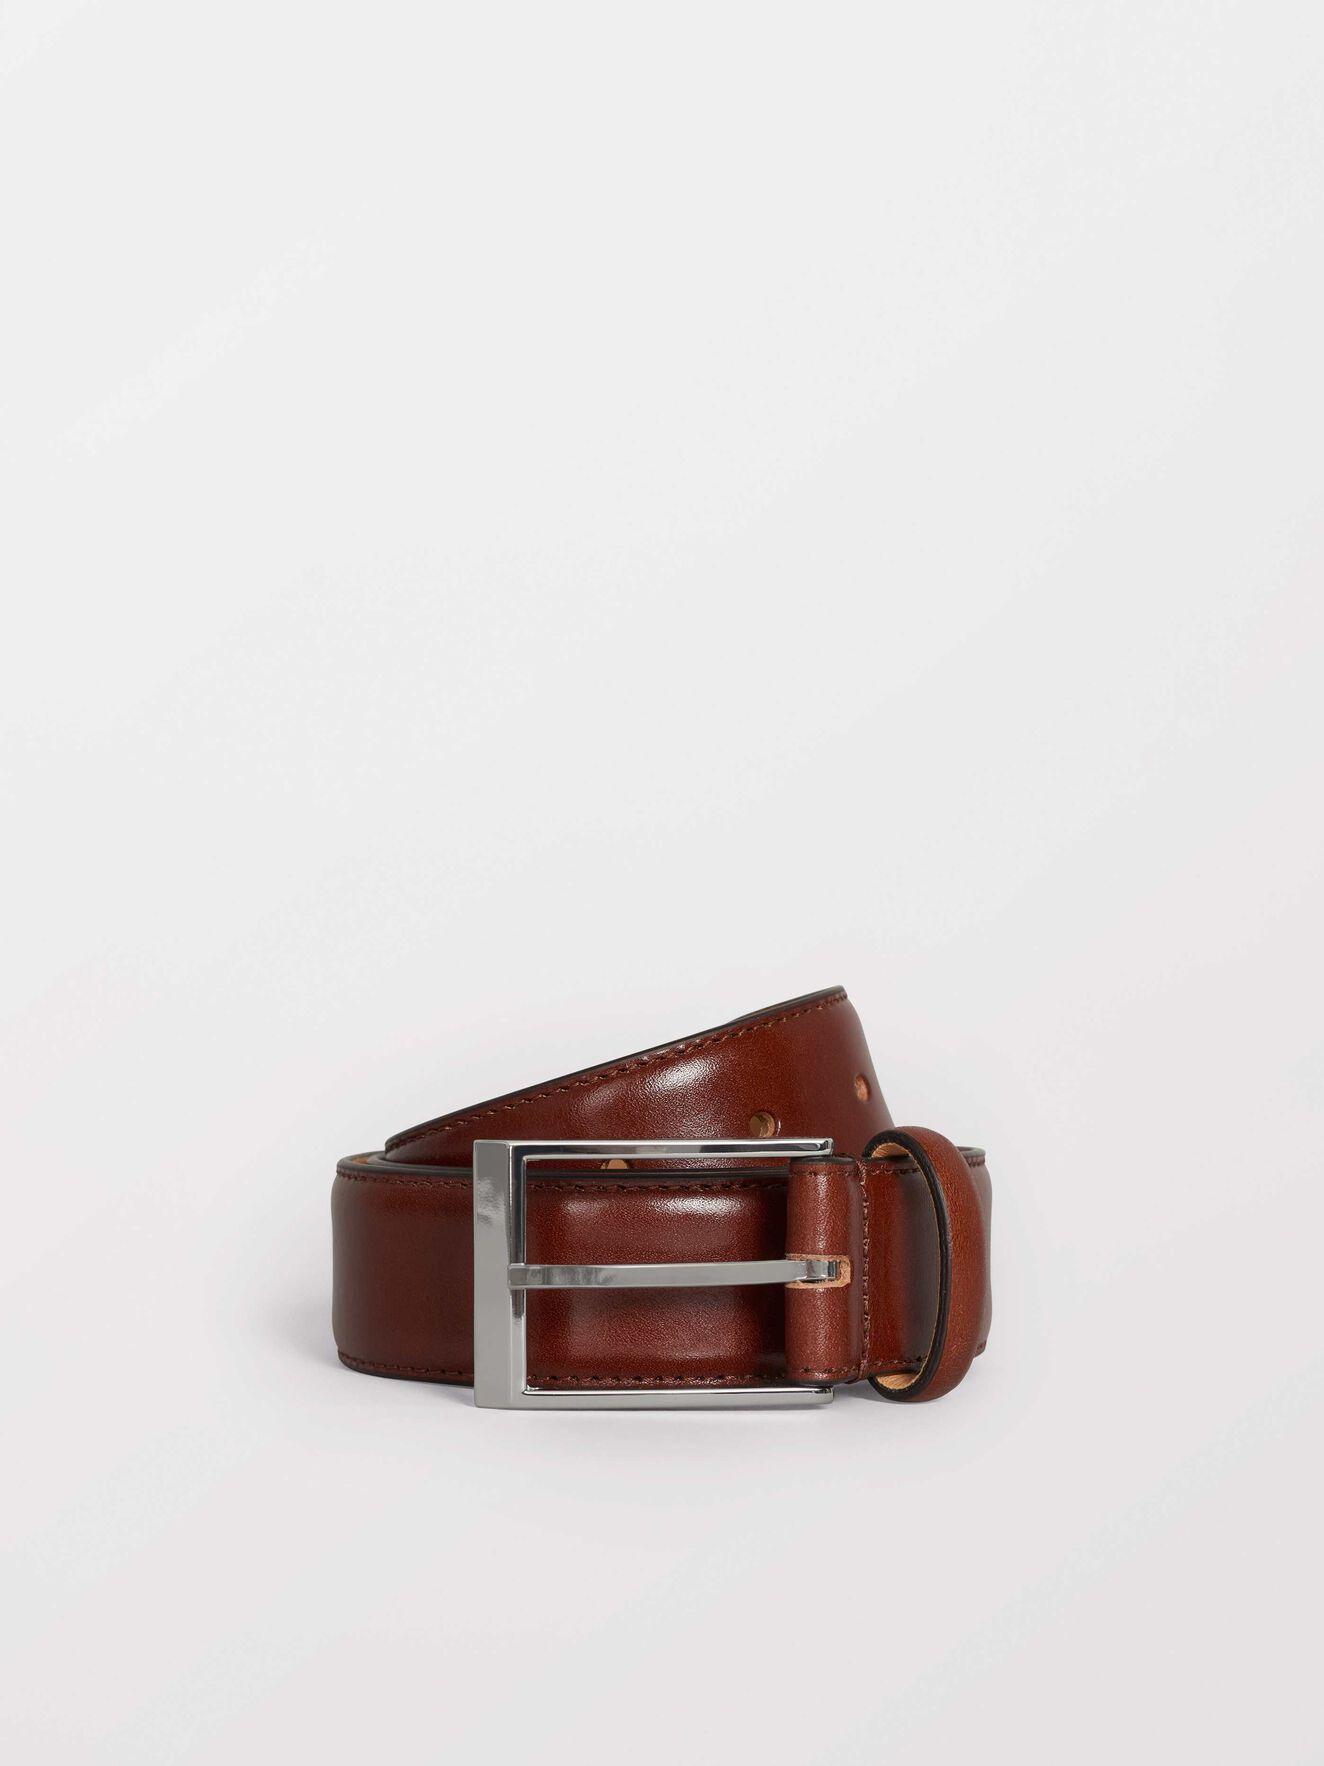 Barest Belt in Cognac from Tiger of Sweden